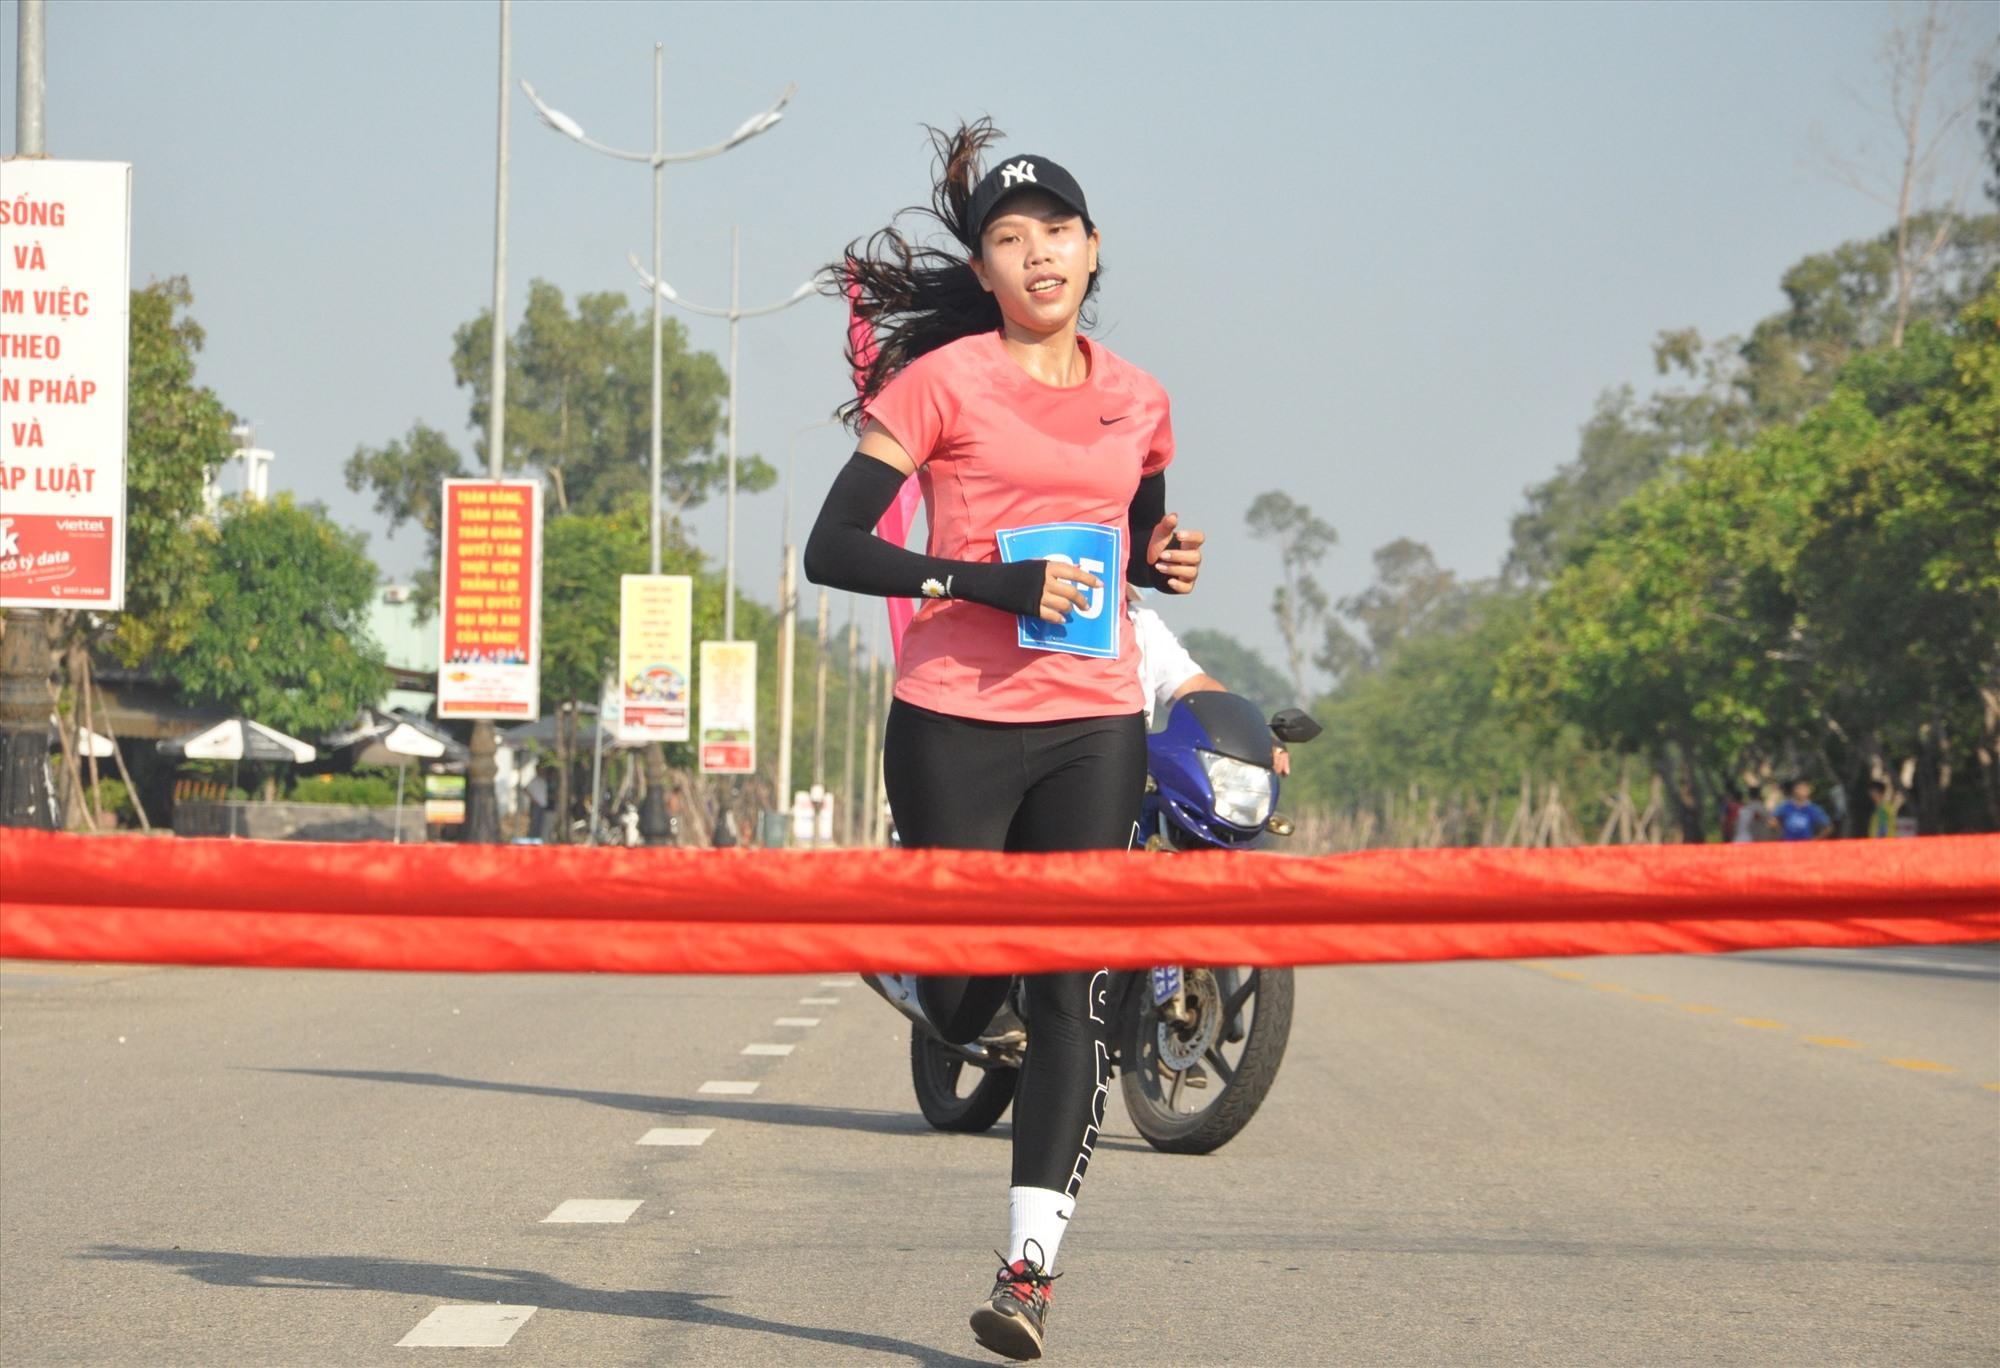 Trương Thị Nhớ về nhất nội dung đơn nữ 3.000m. Ảnh: T.V